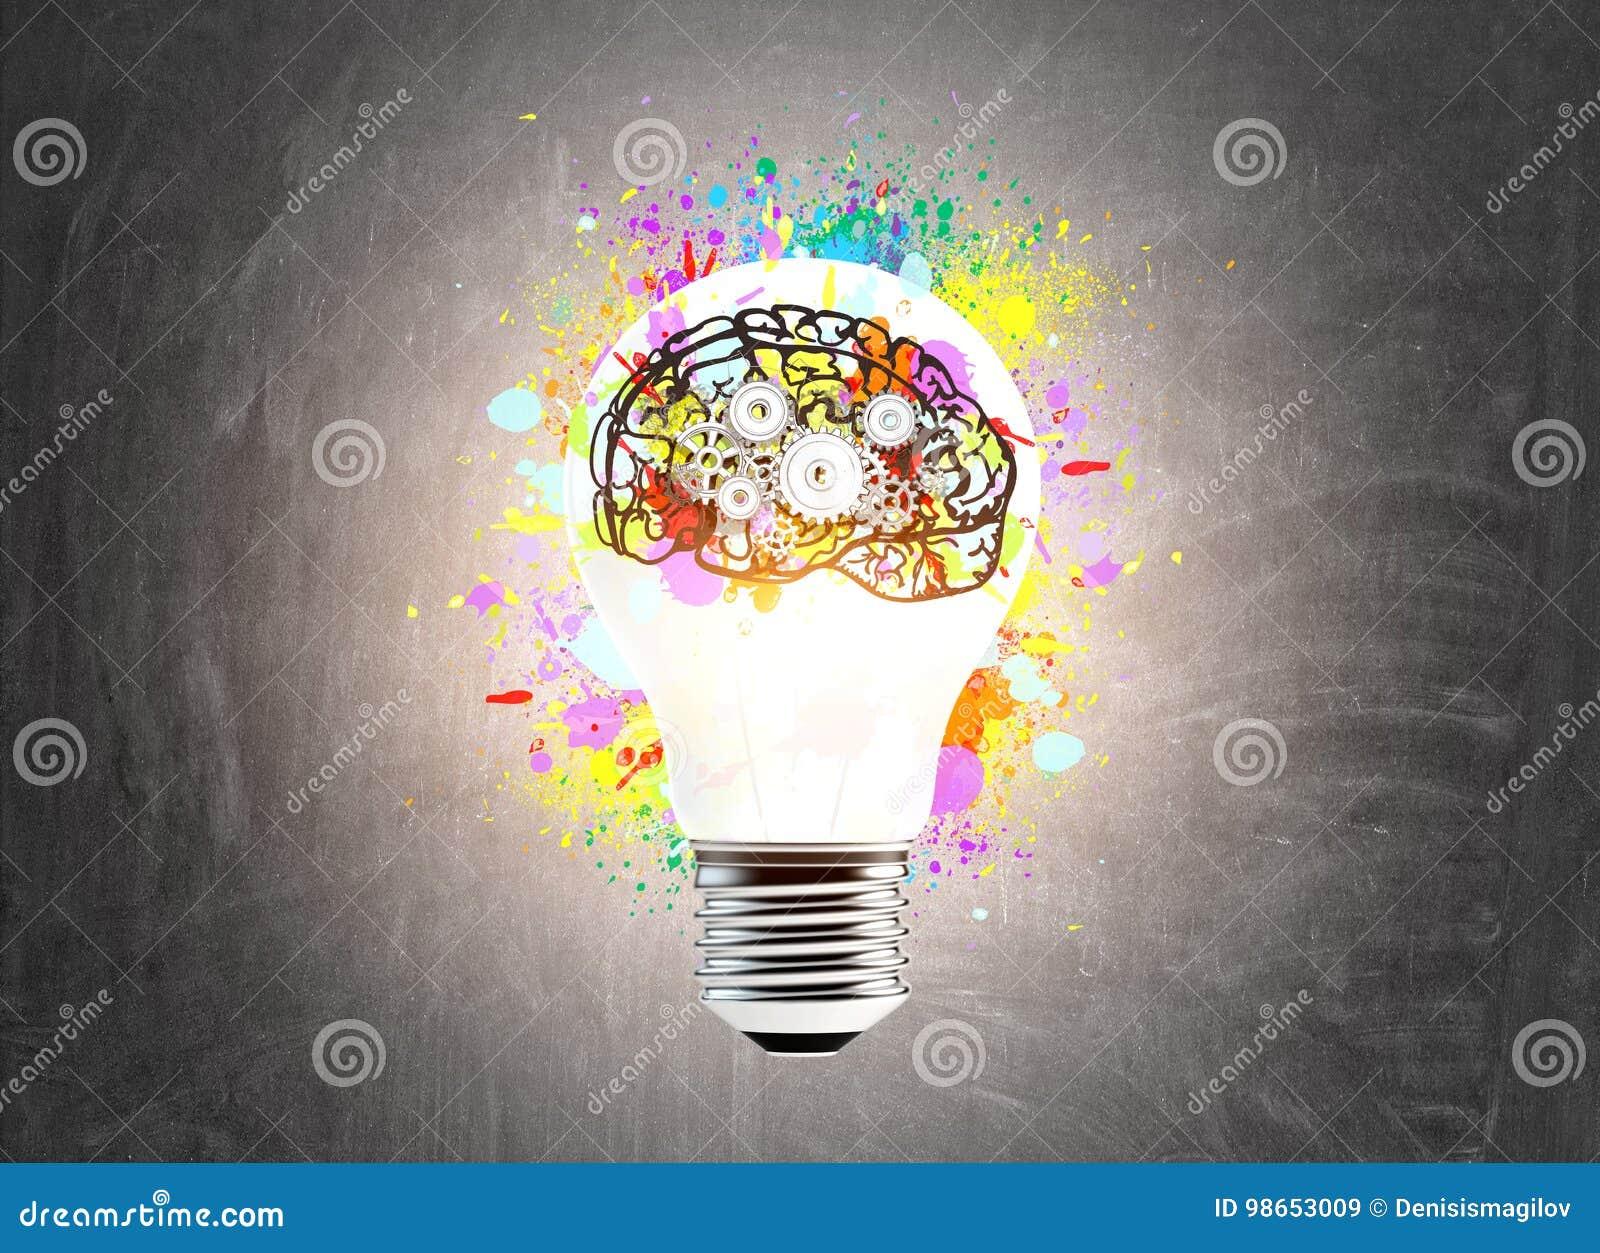 电灯泡和脑子与嵌齿轮